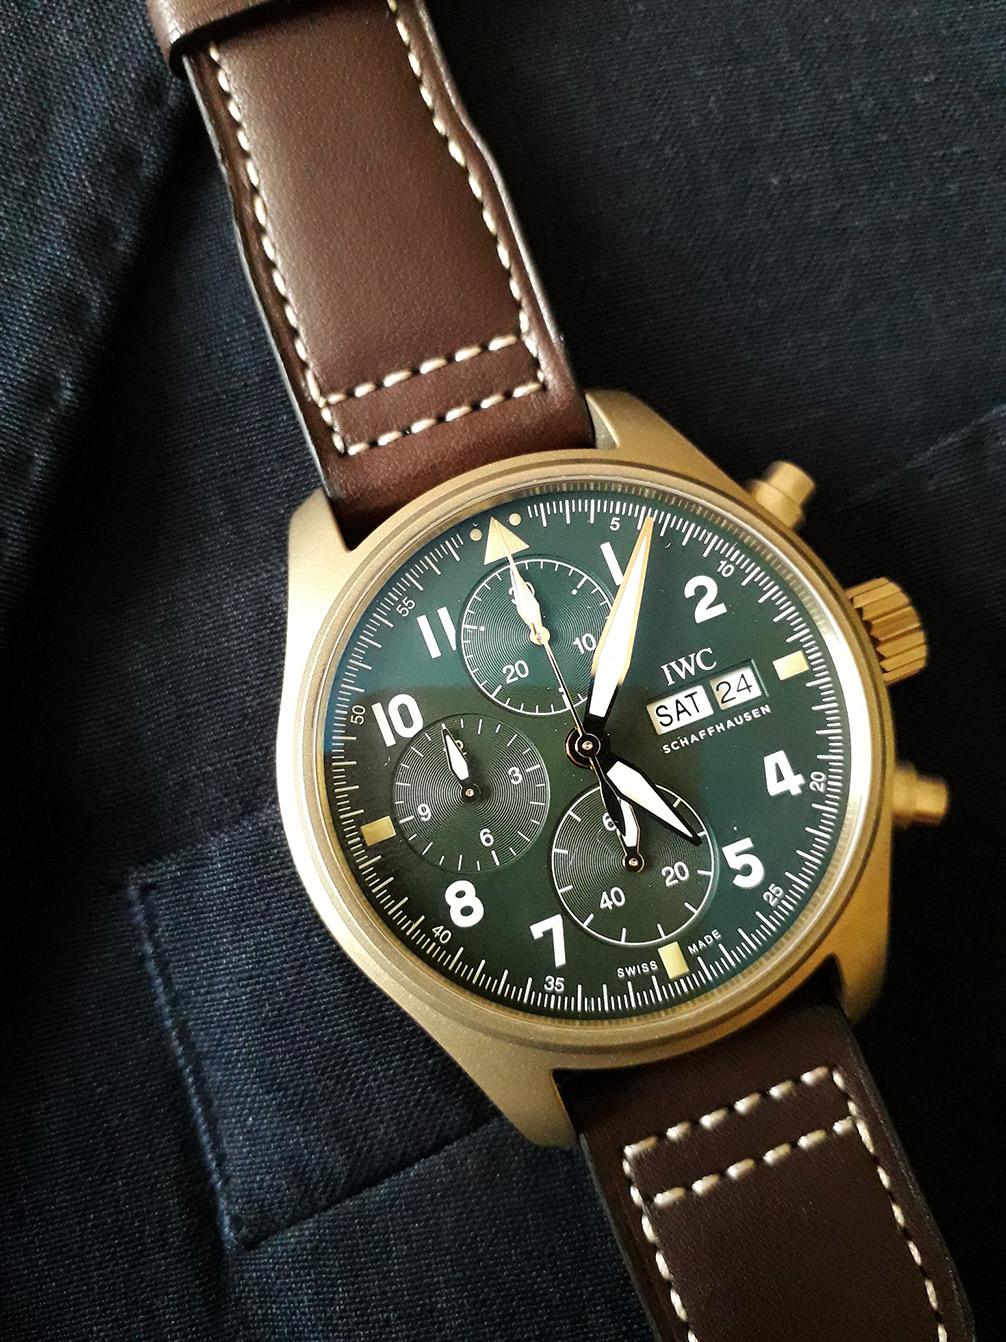 IWC Pilot's Watch Chronograph Spitfire/Goodwood – Part 2